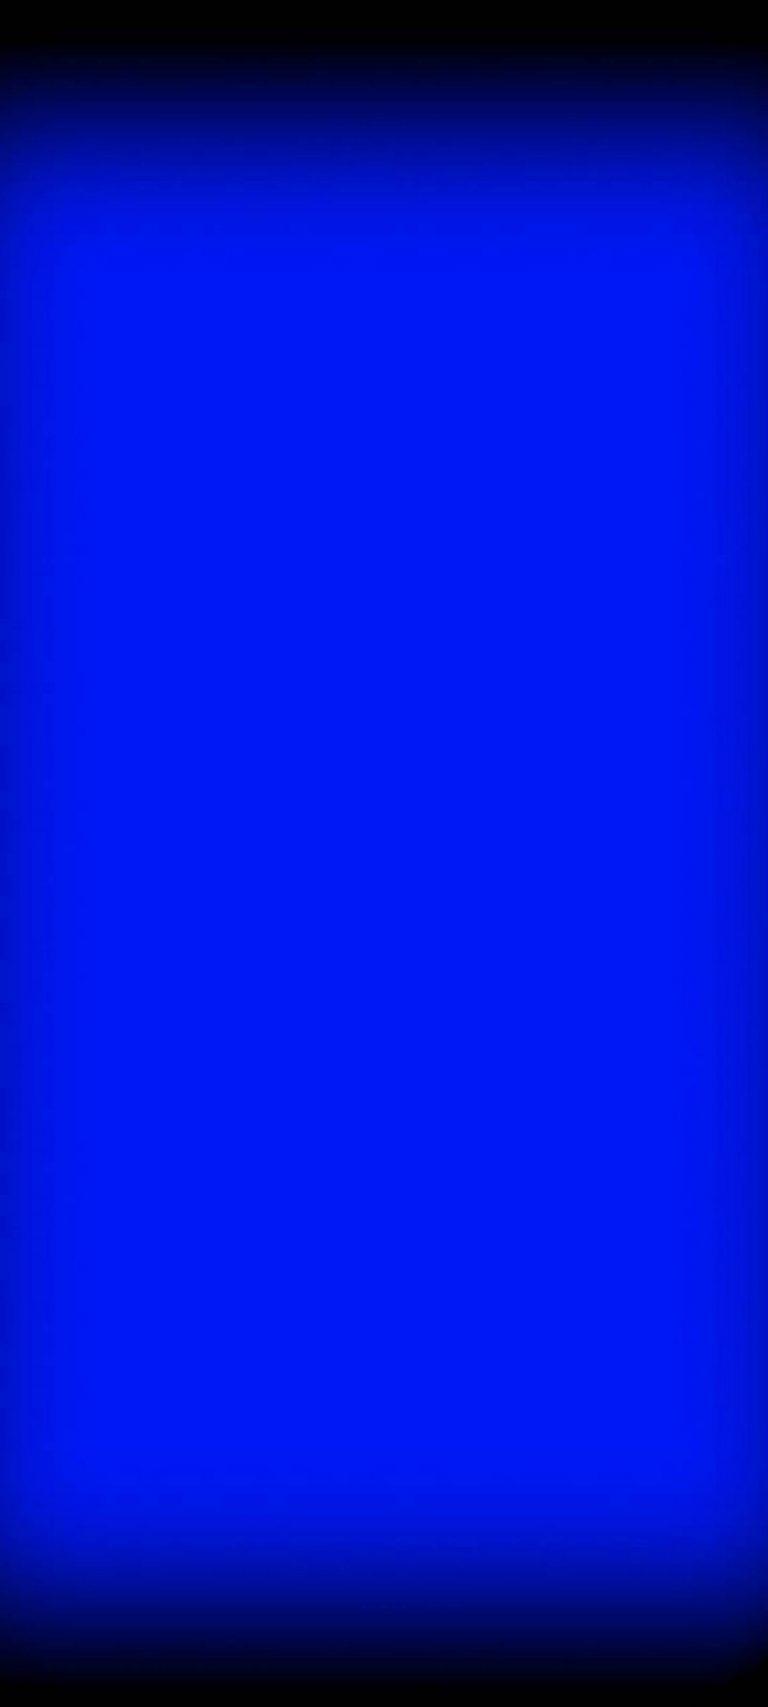 1440x3200 HD Wallpaper 166 768x1707 - 1440x3200 HD Wallpaper - 166